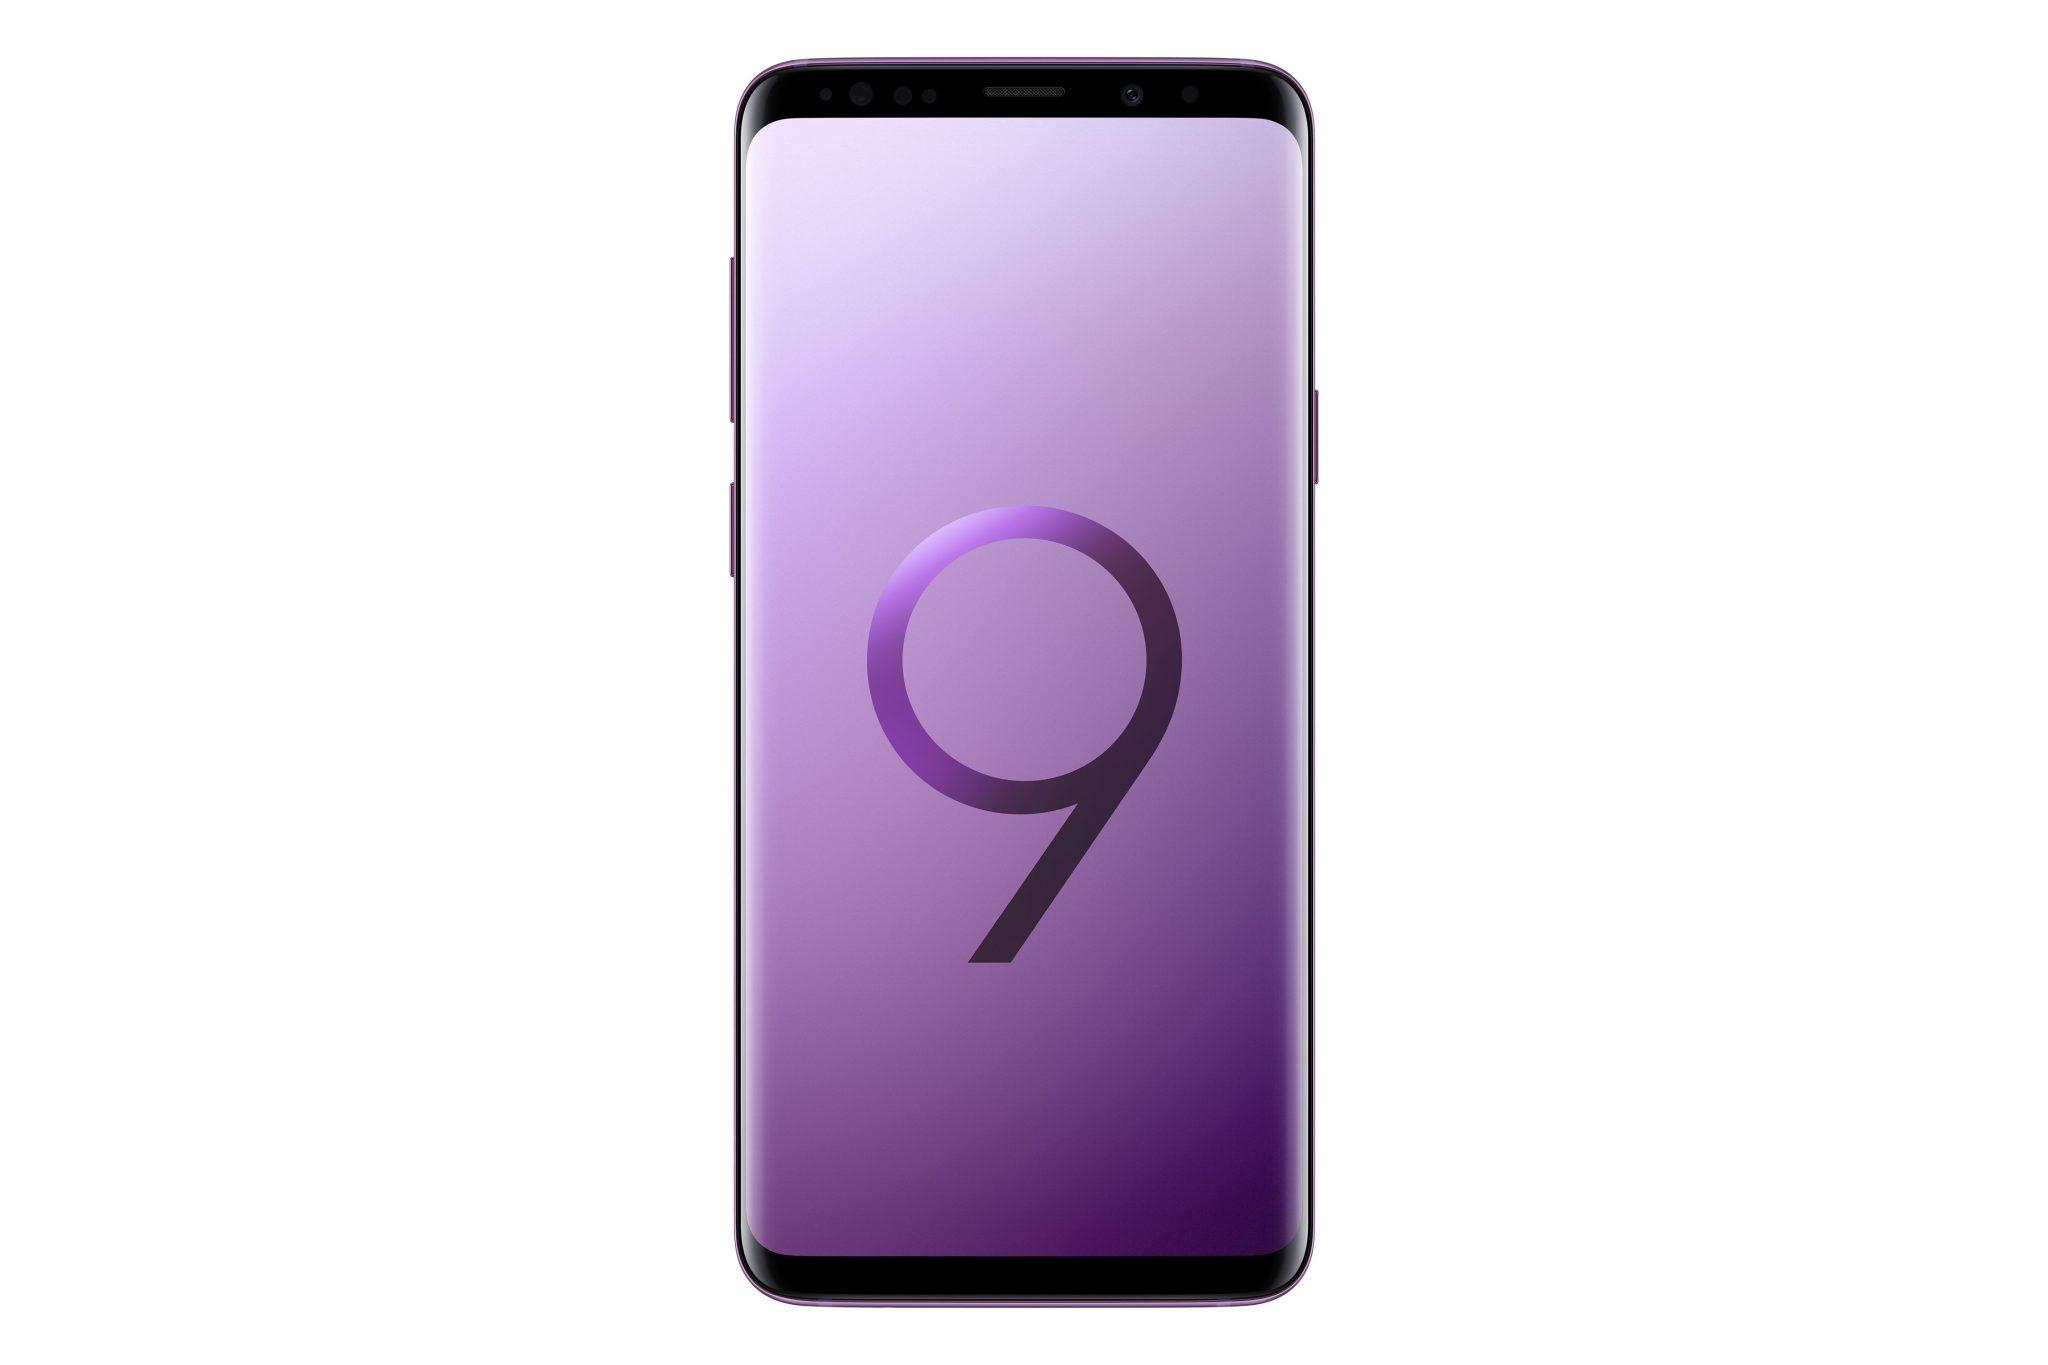 SM G965 GalaxyS9Plus Front Purple 1 - SM_G965_GalaxyS9Plus_Front_Purple